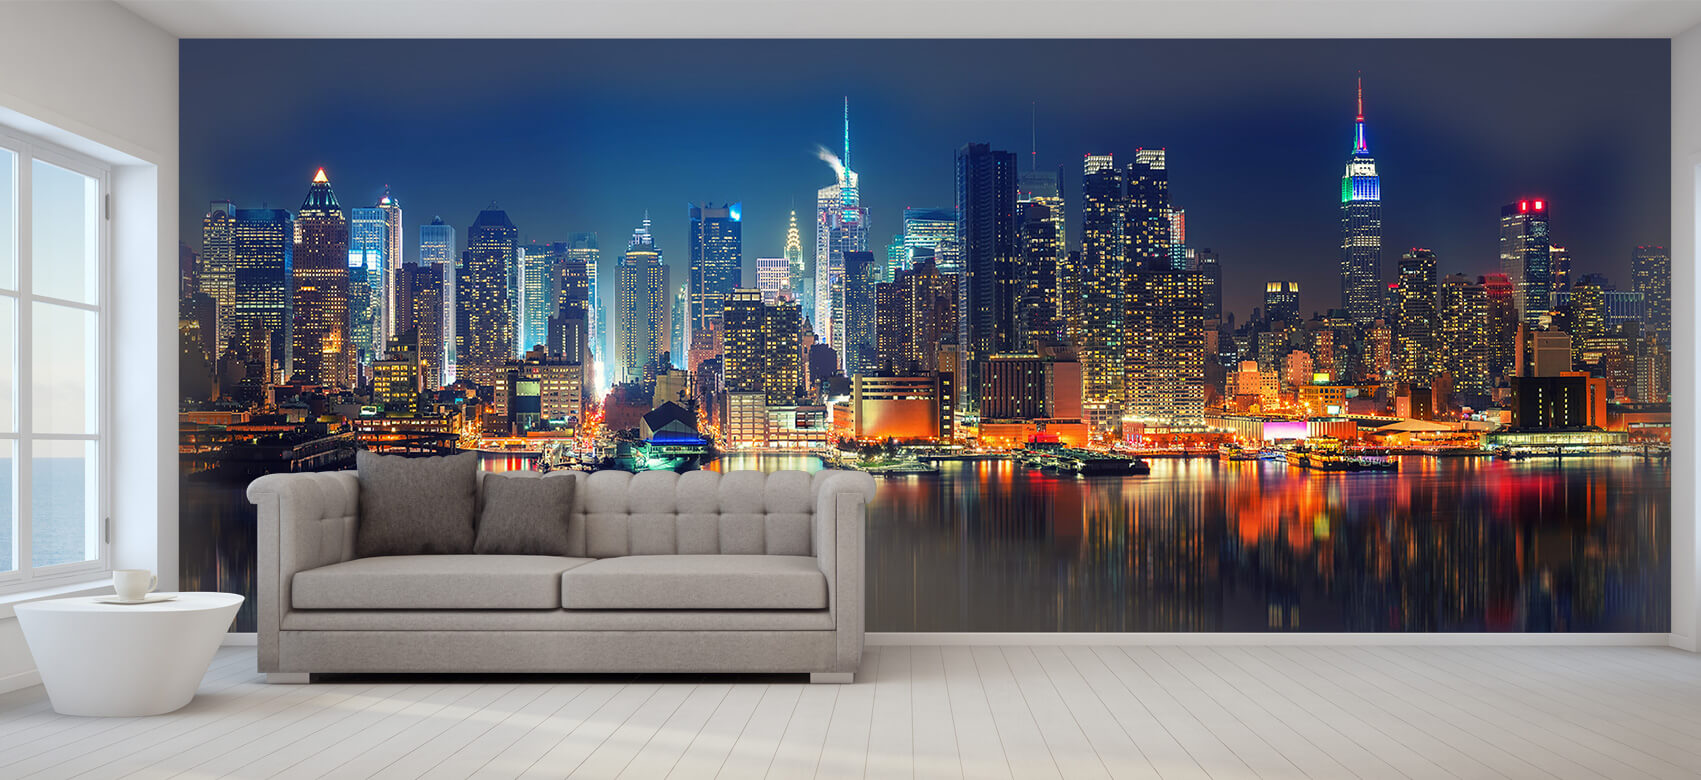 World & Cities Photo wallpaper New York skyline at night 8